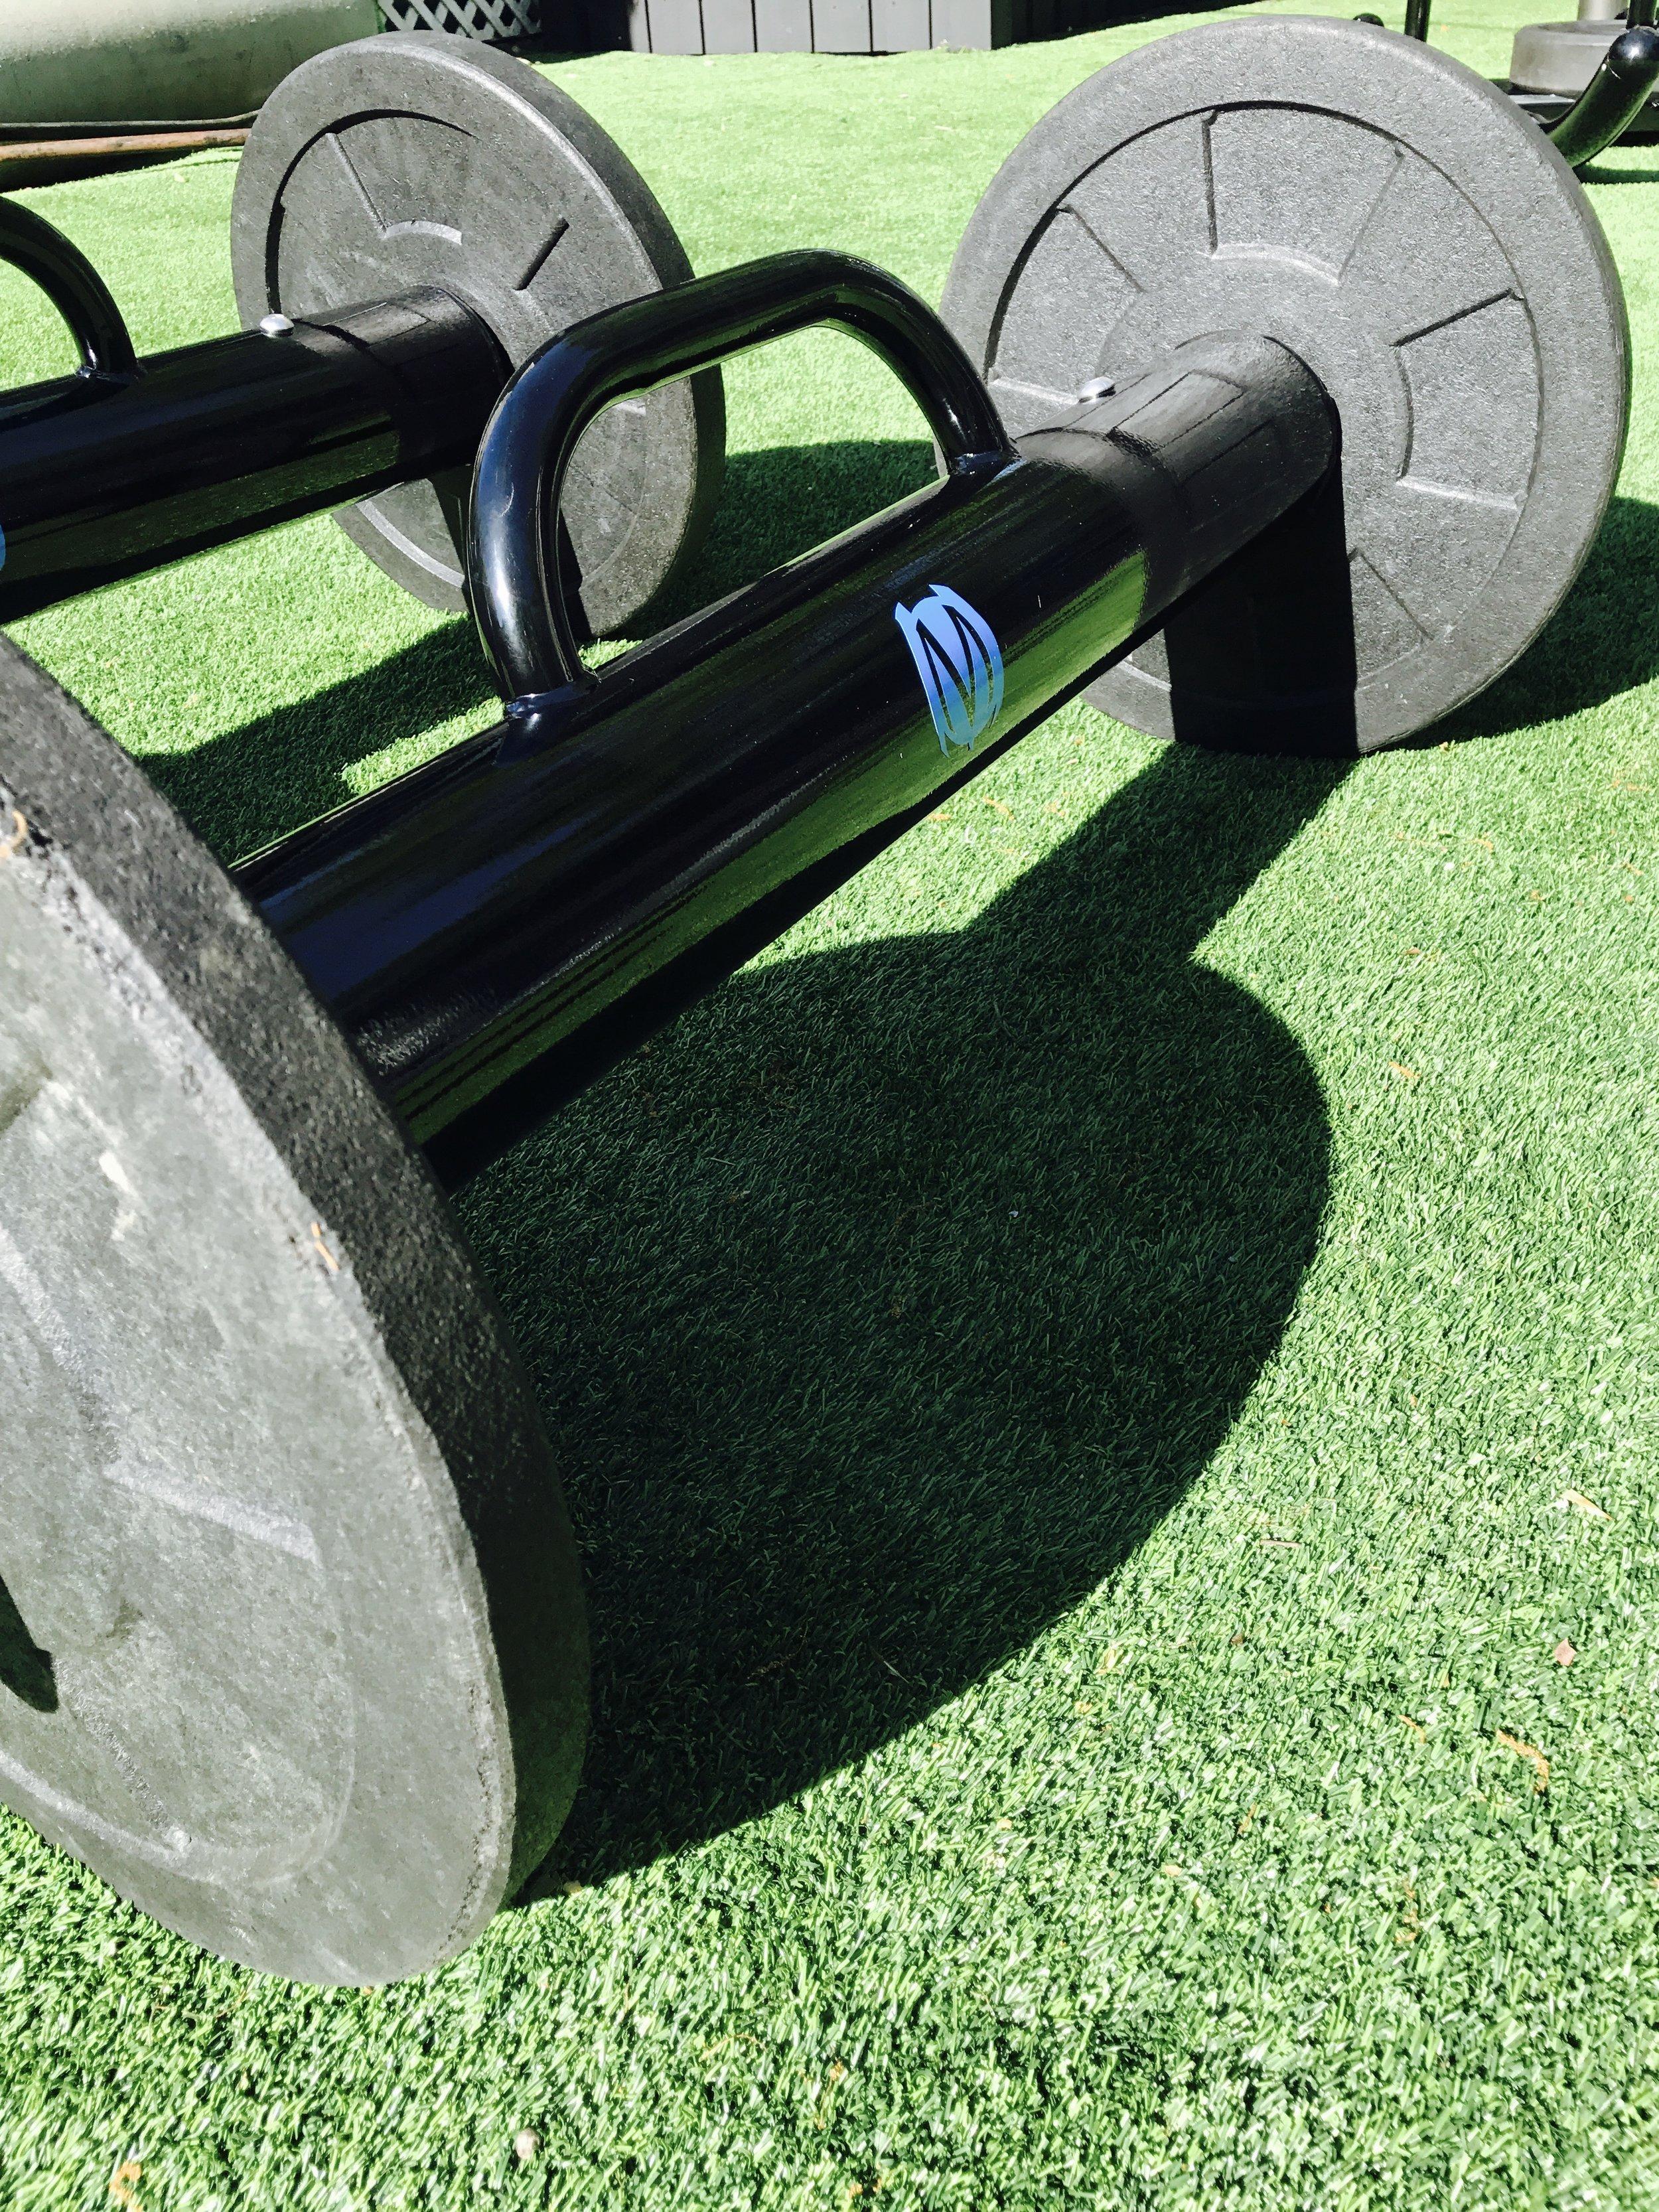 Outdoor functional fitness equipment